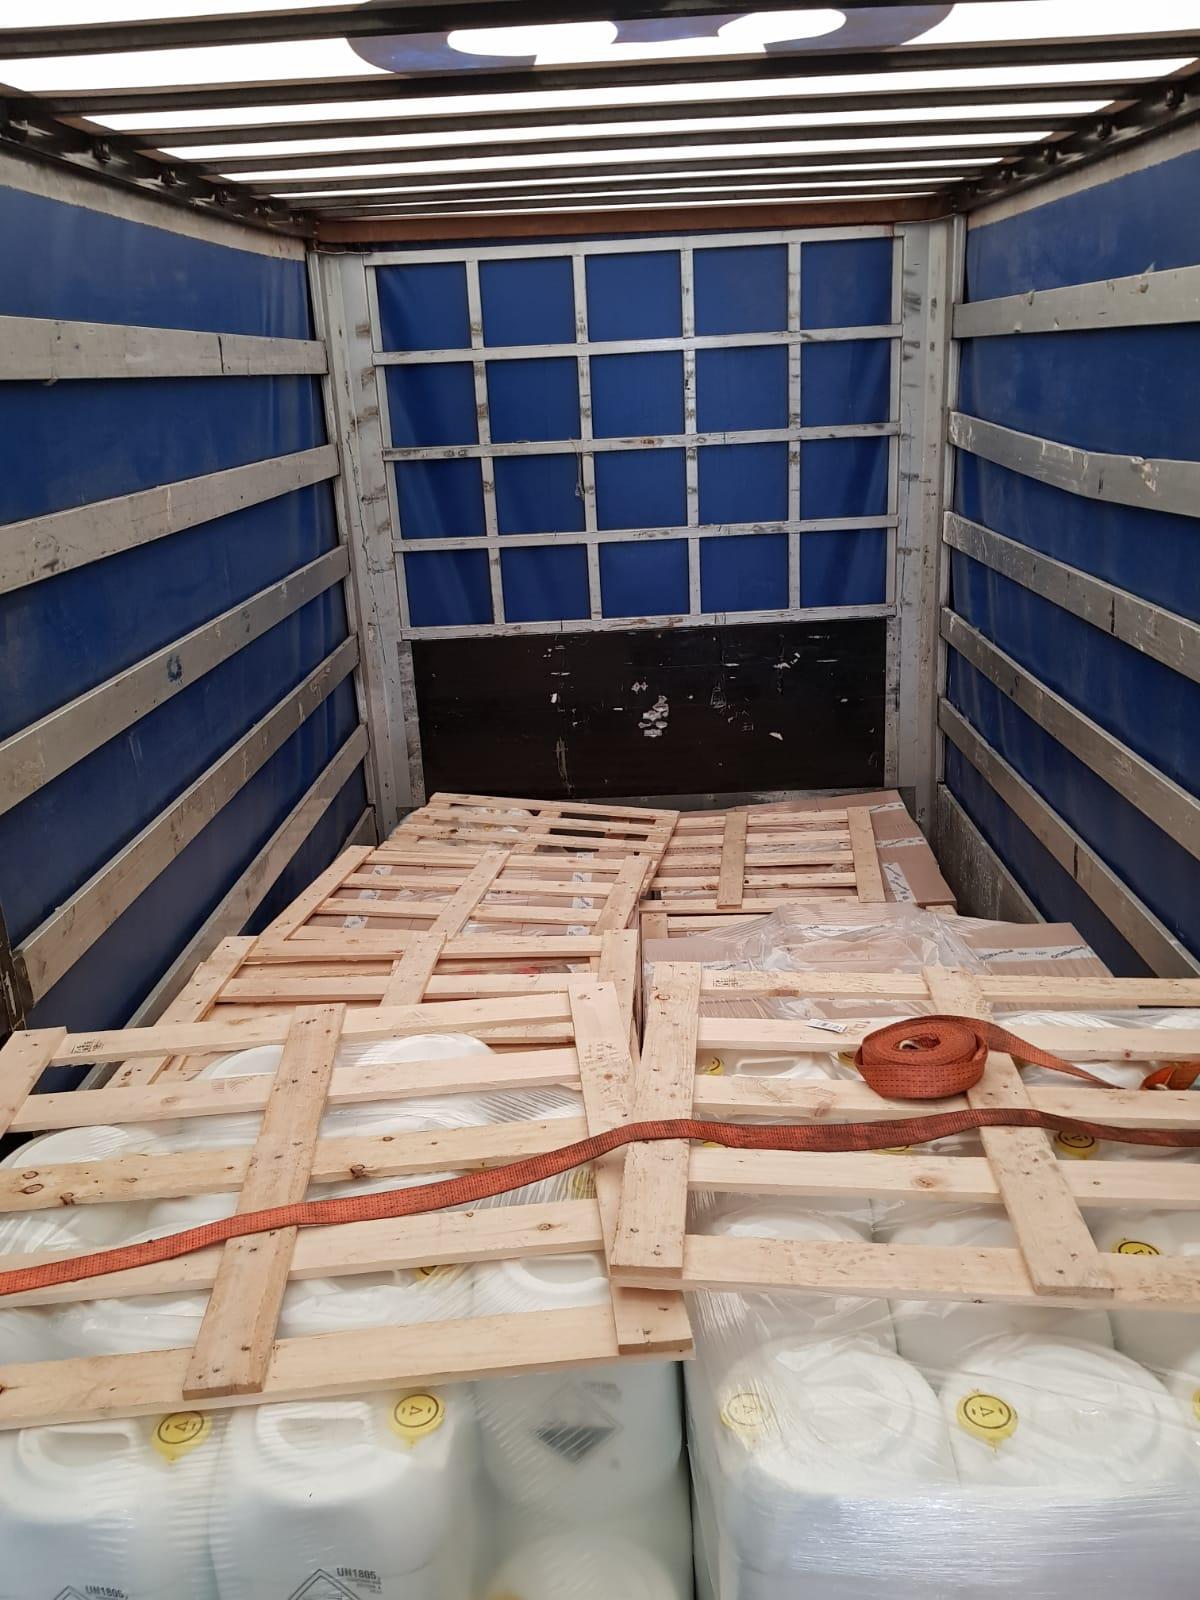 Pallets inside lorry